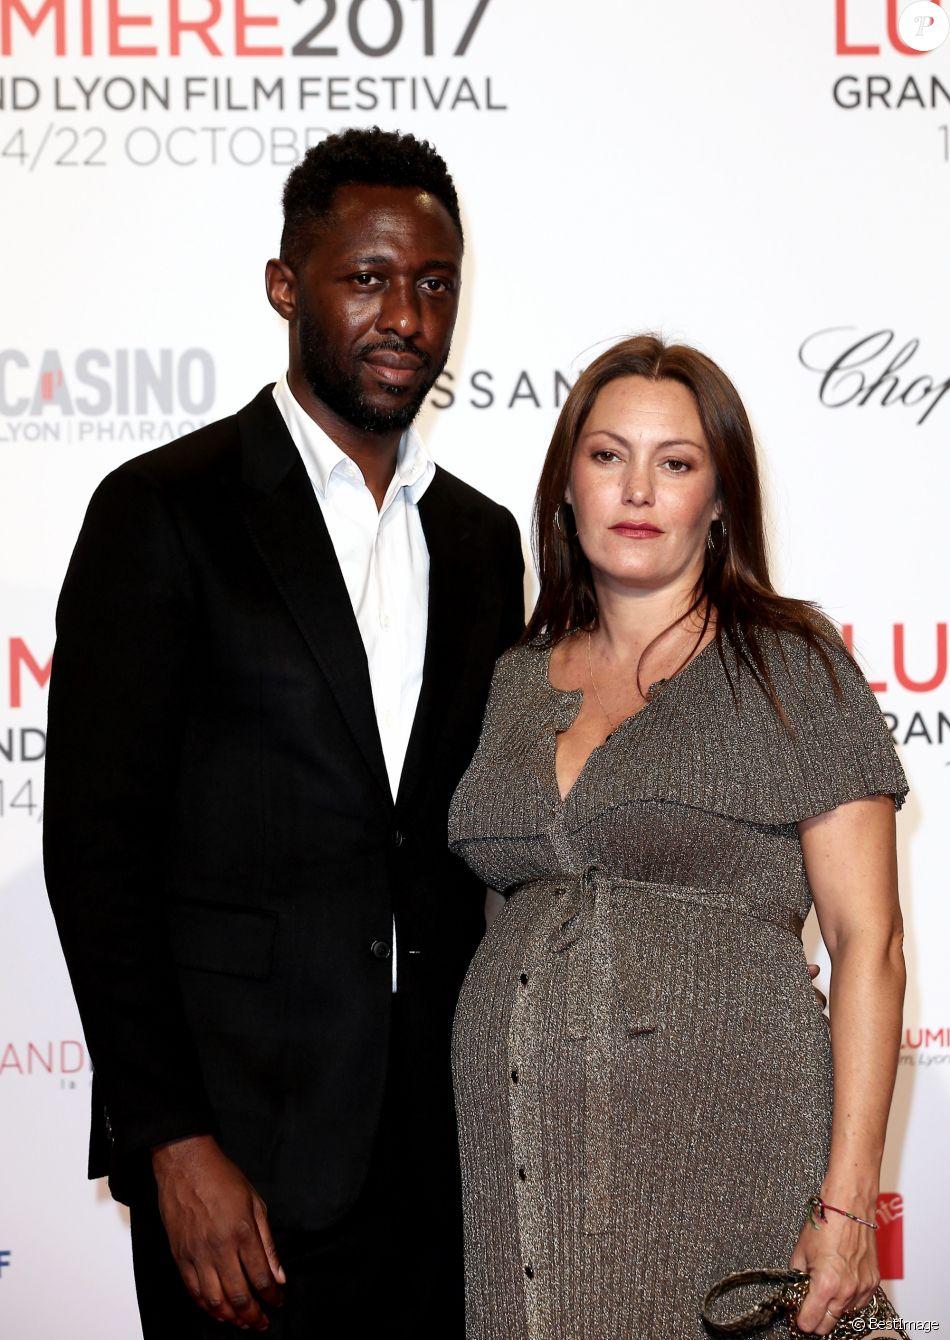 Thomas Ngijol et sa compagne Karole Rocher, enceinte - Tapis rouge de la  cérémonie d